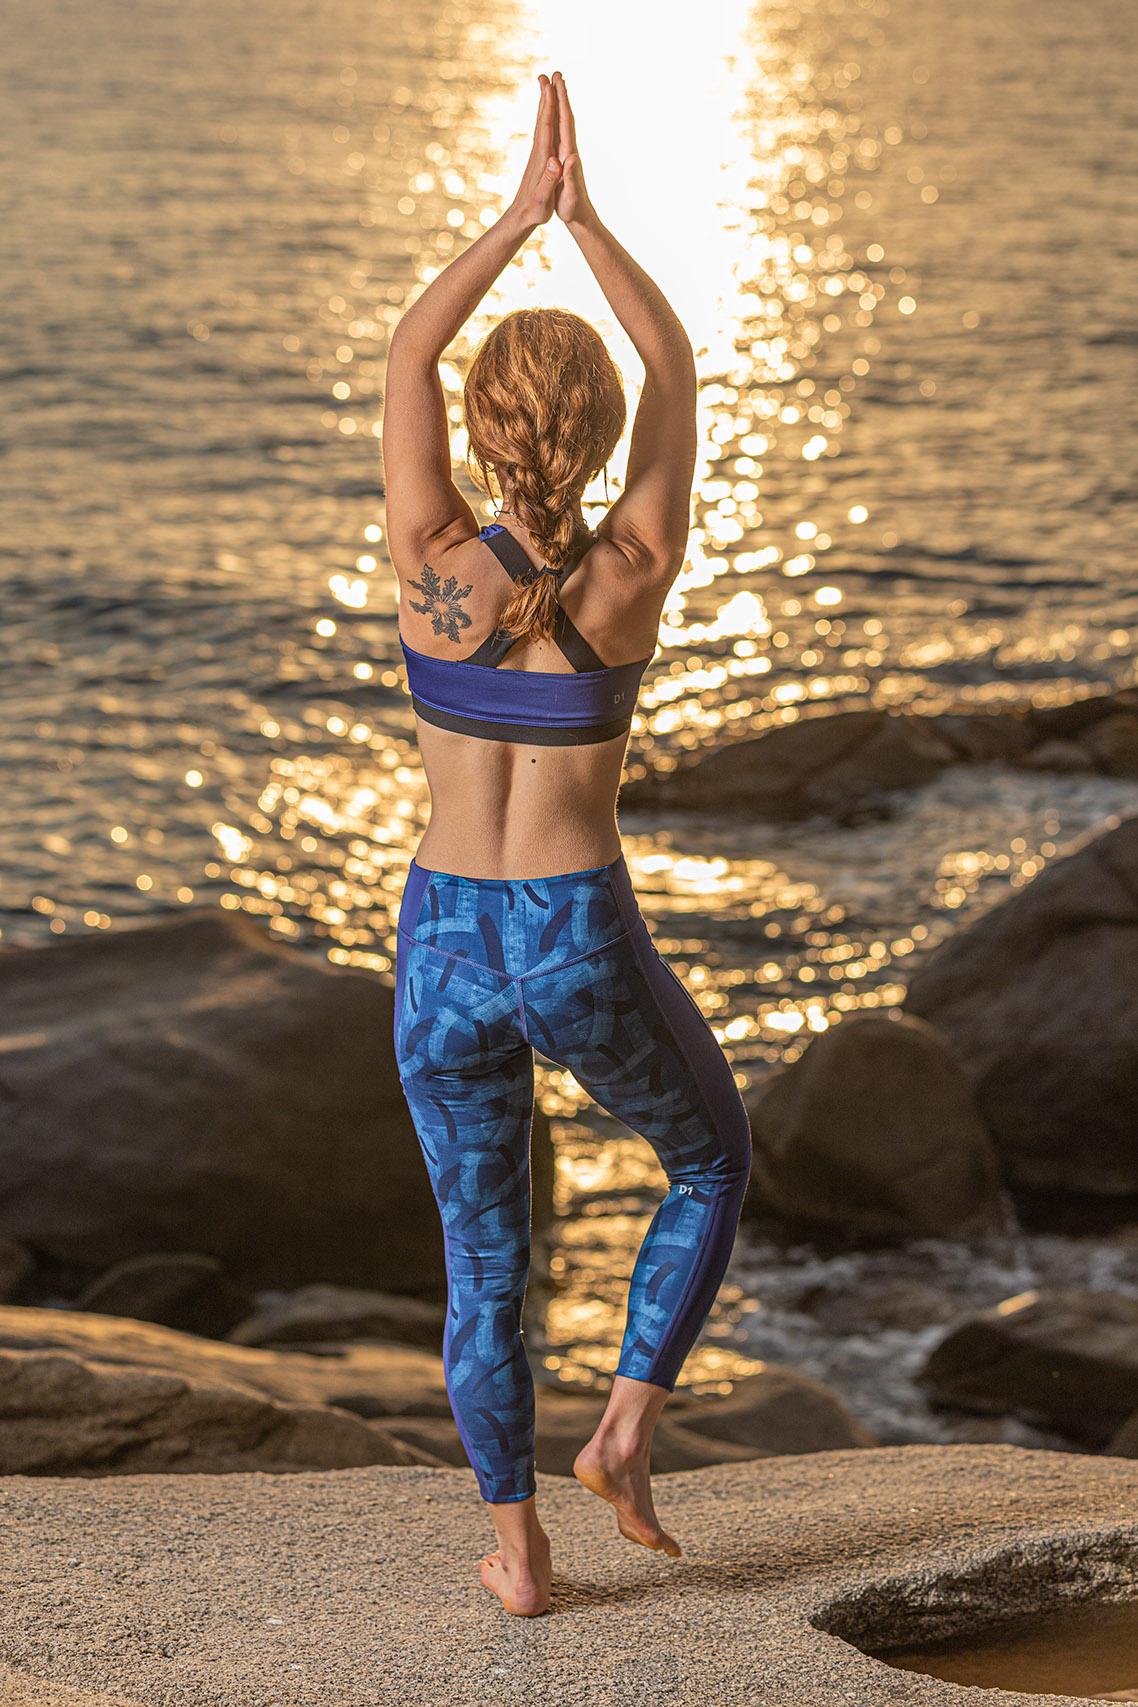 Fotografía de yoga en exteriores con flash de estudio